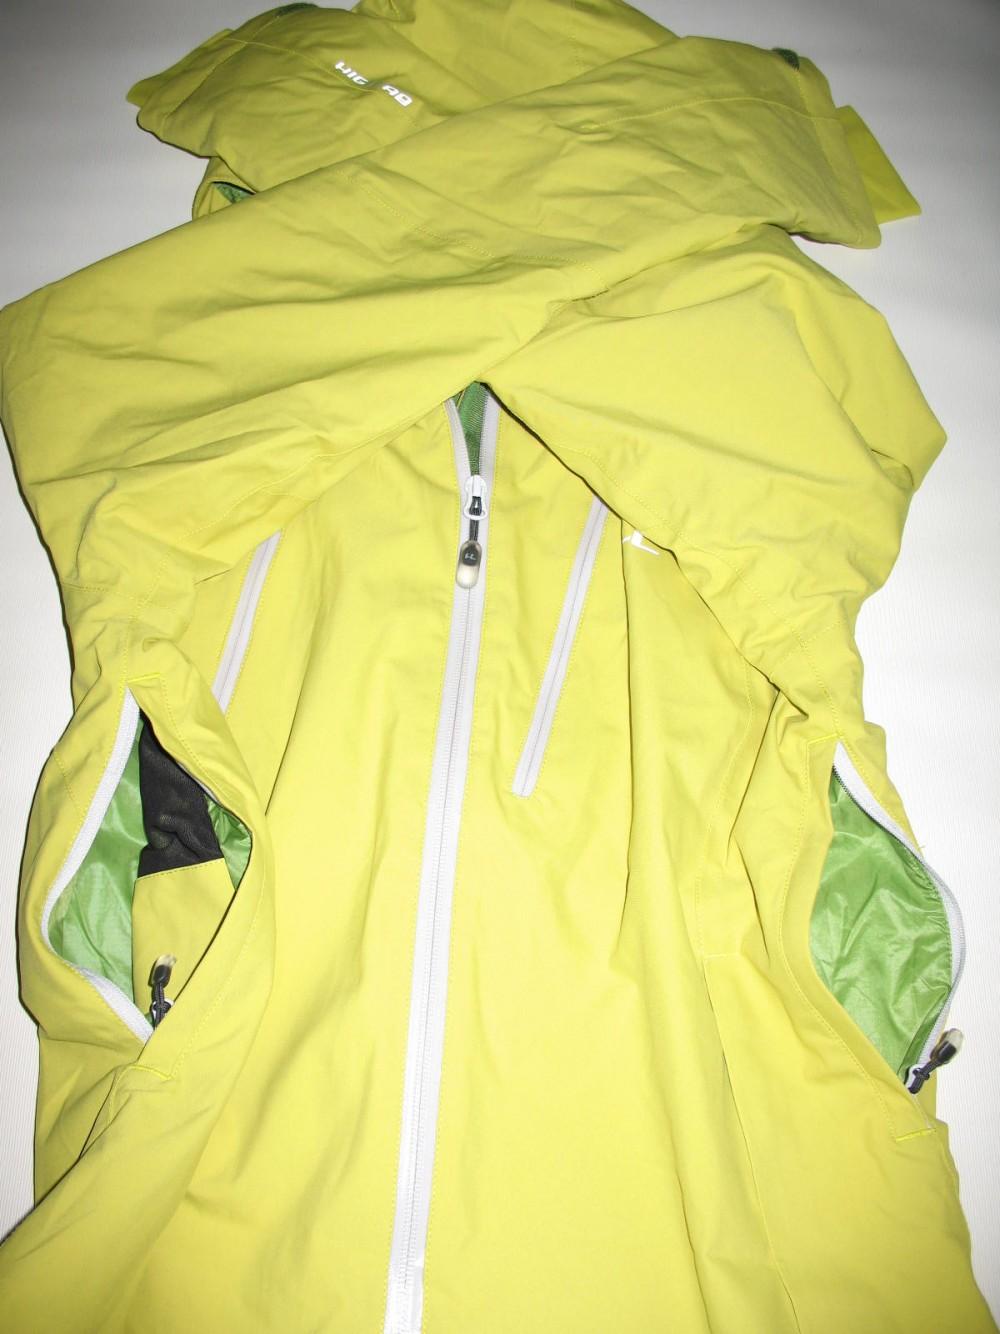 Куртка FERRINO dom jacket lady (размер М) - 8